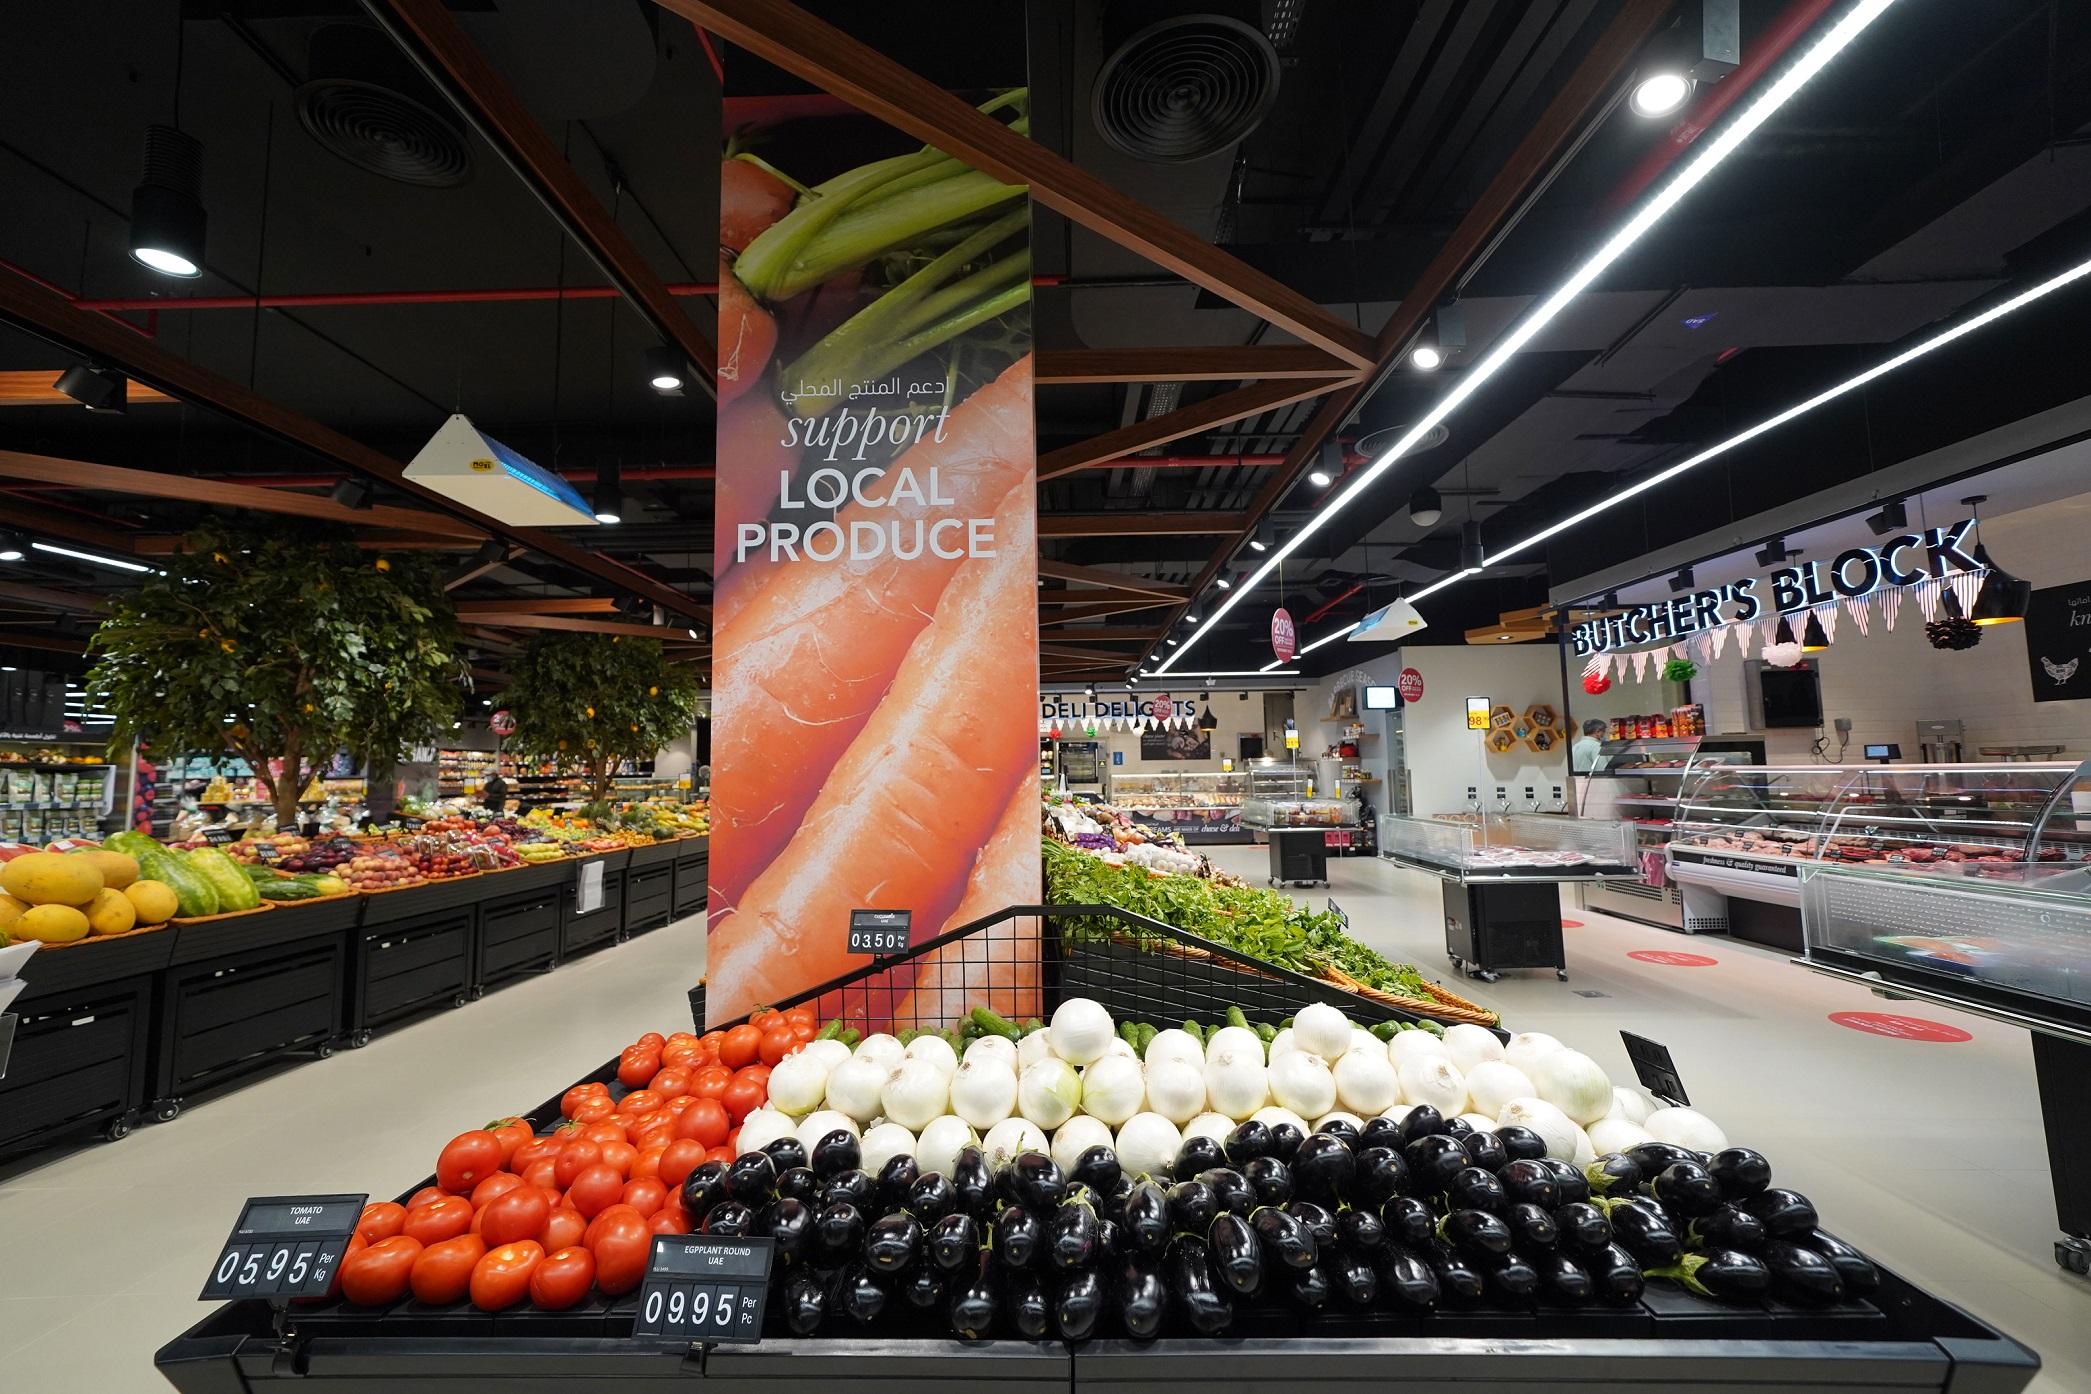 افتتاح فرع جديد لسلسلة متاجر صديقة للبيئة في دبي